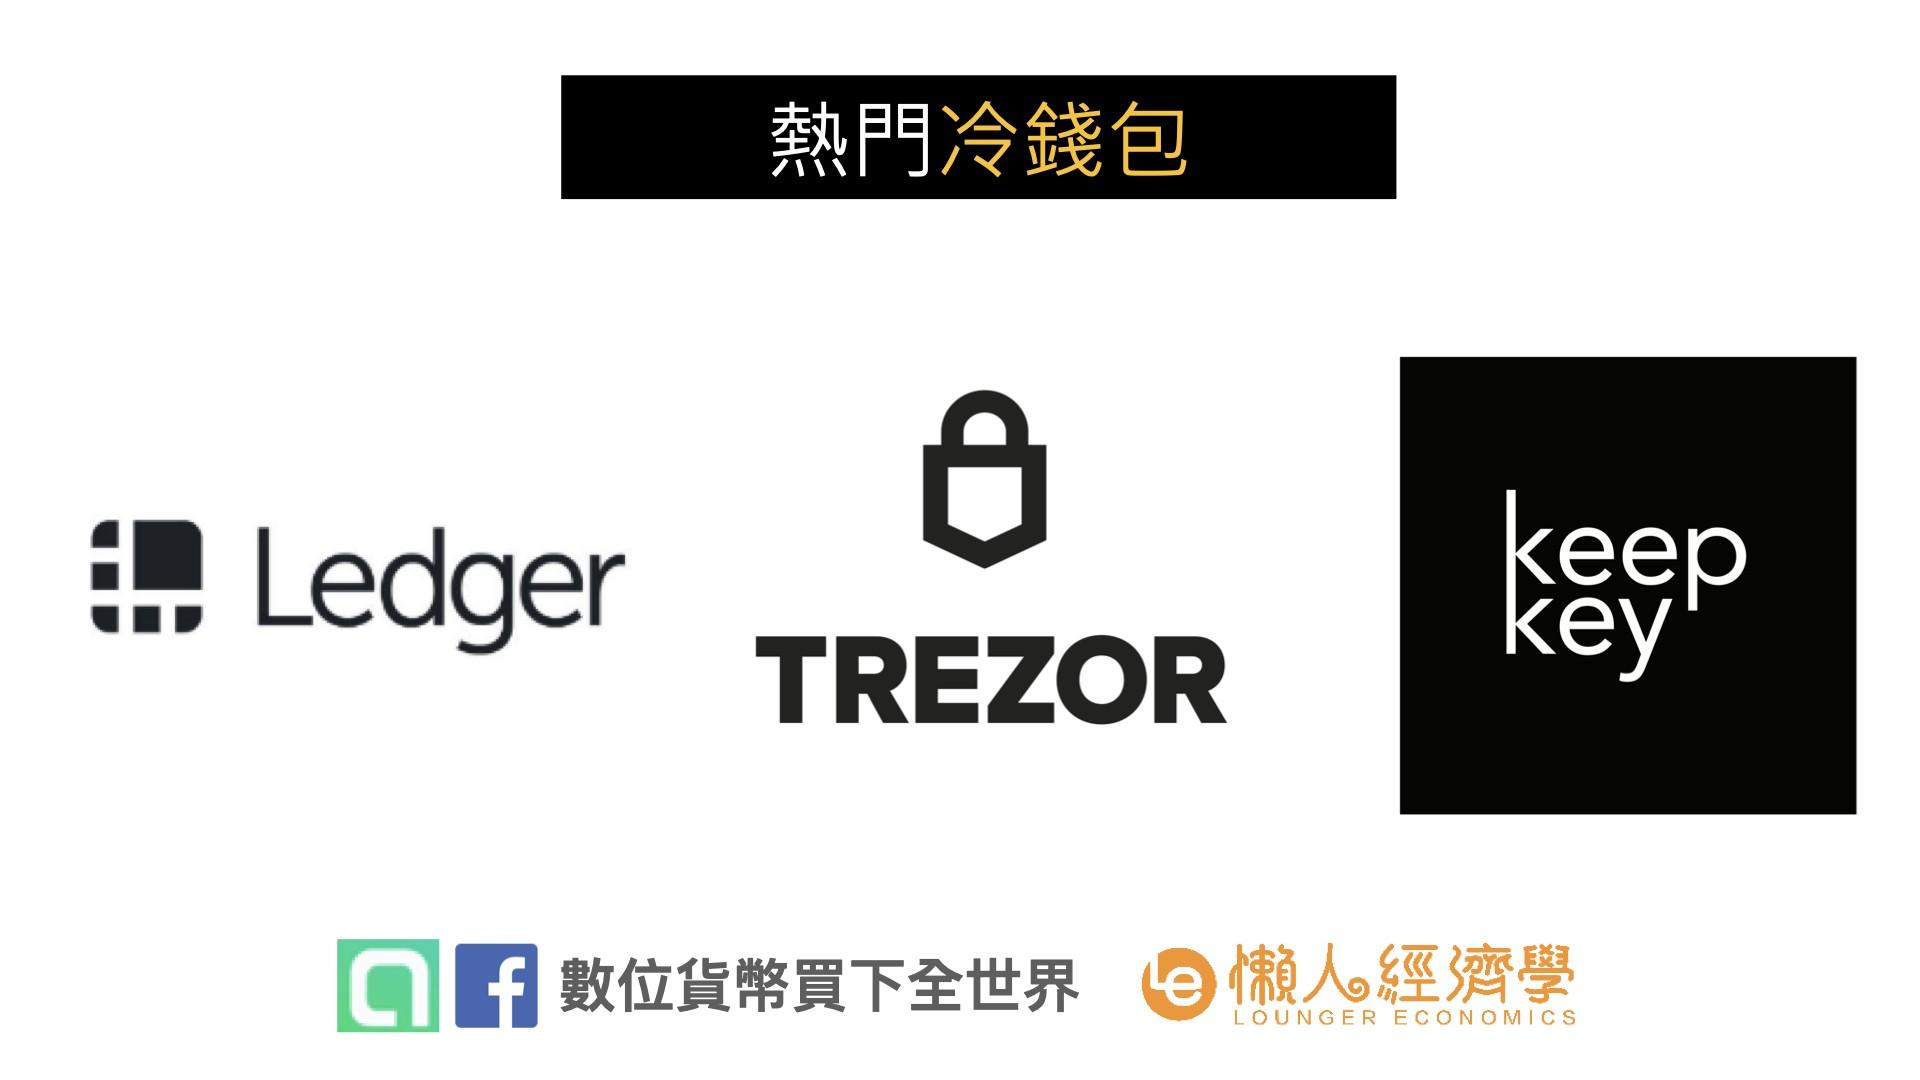 三款冷錢包推薦:錢包logo